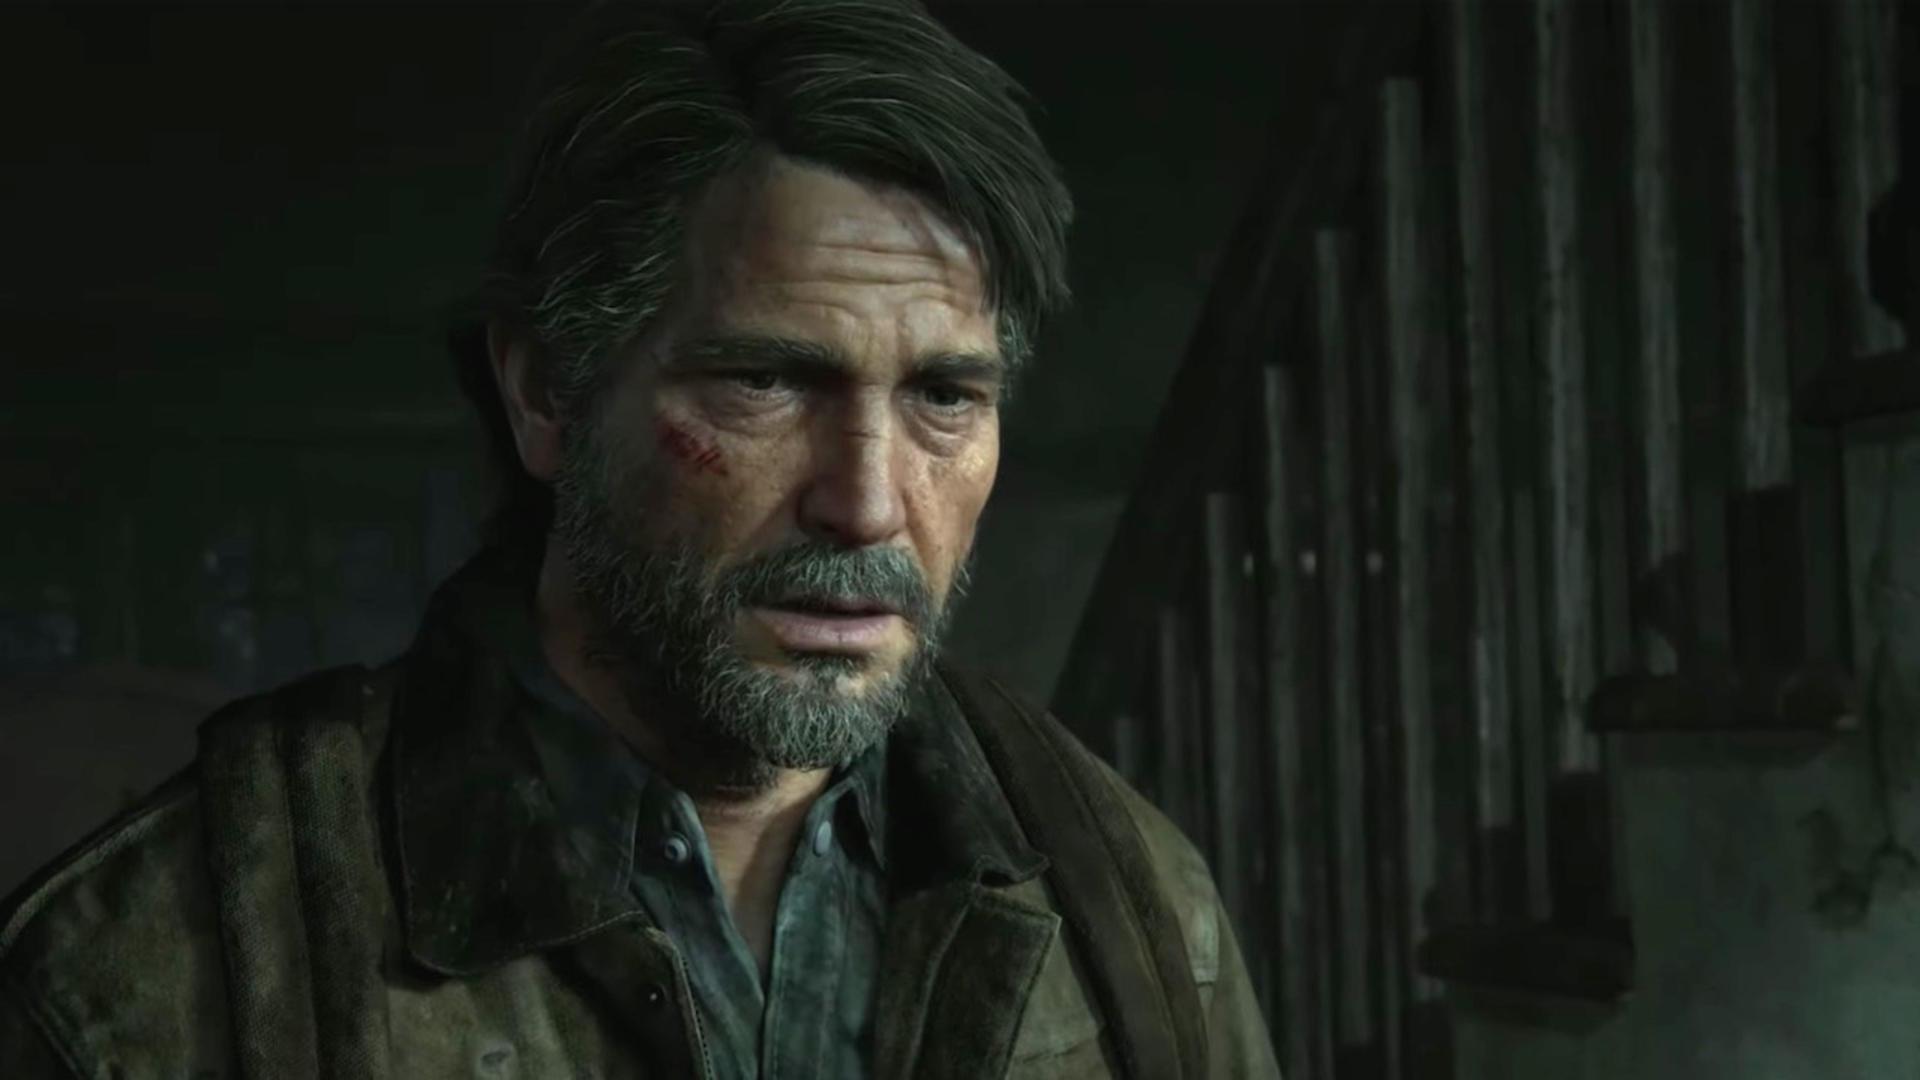 احتمال پایین عرضه بازی The Last of Us 2 برای کامپیوتر